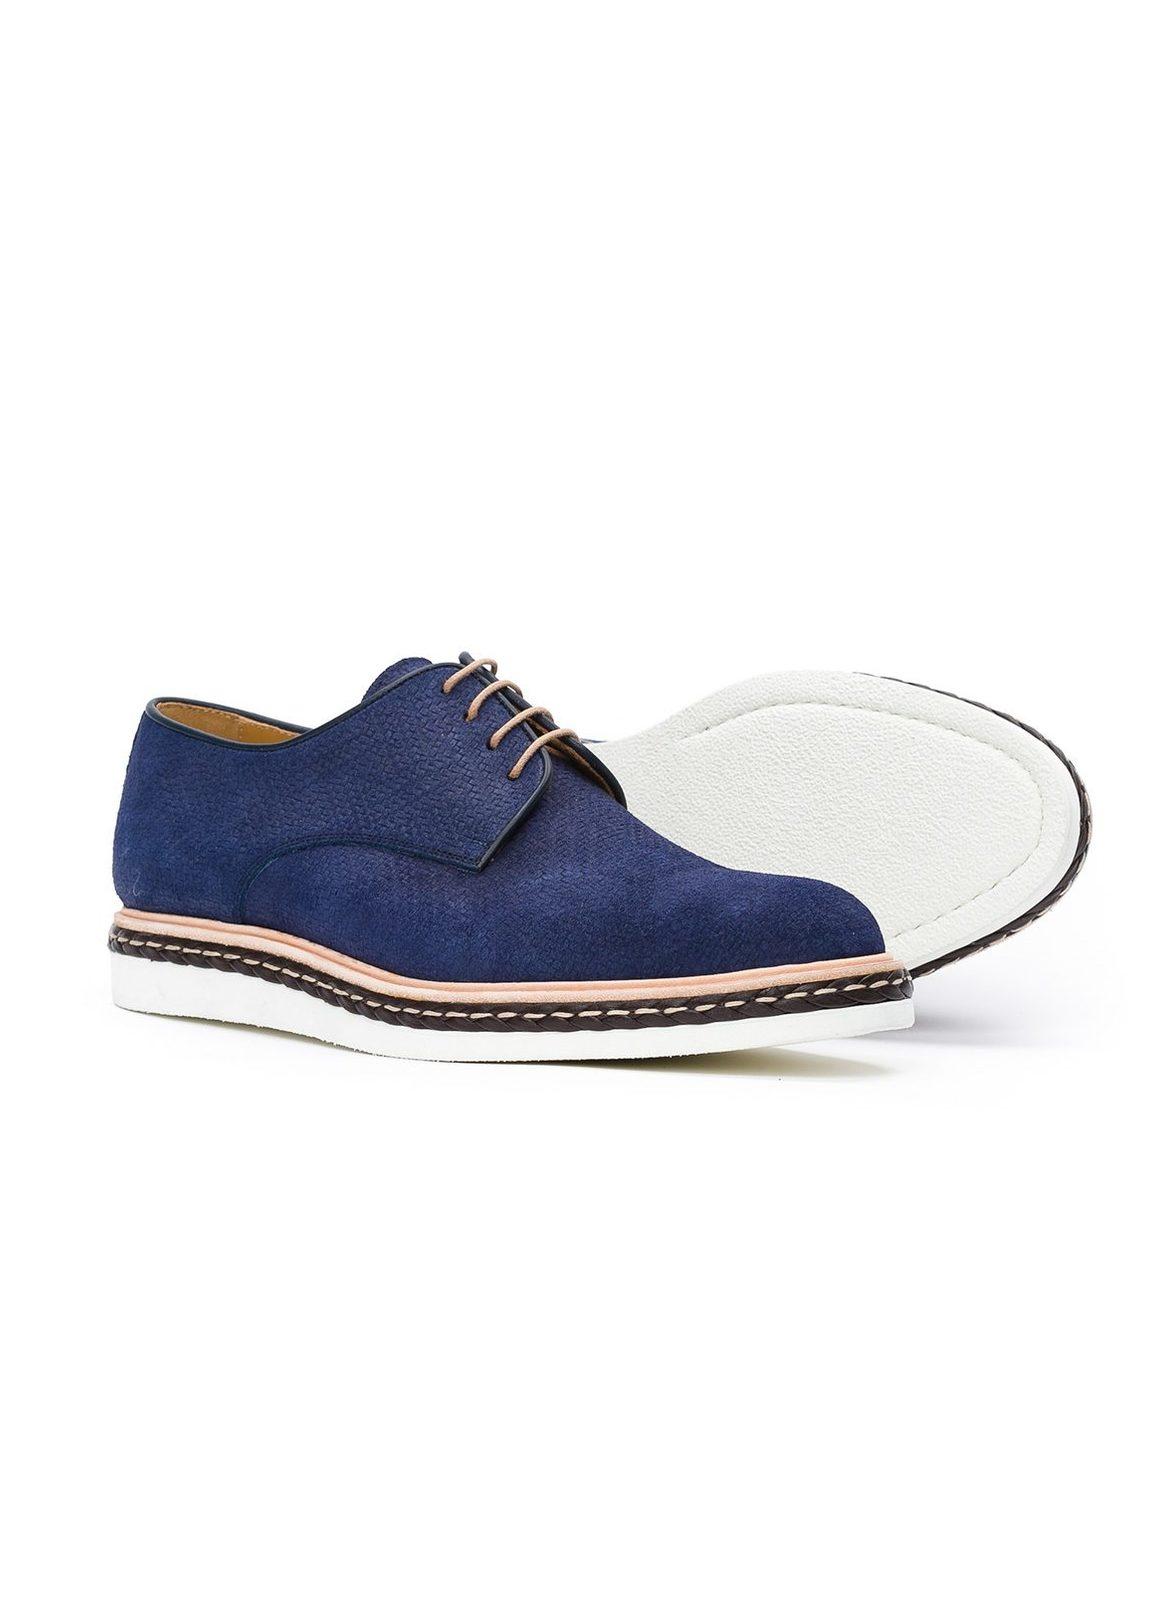 Calzado Sport Wear color azul,100% Serraje. - Ítem3